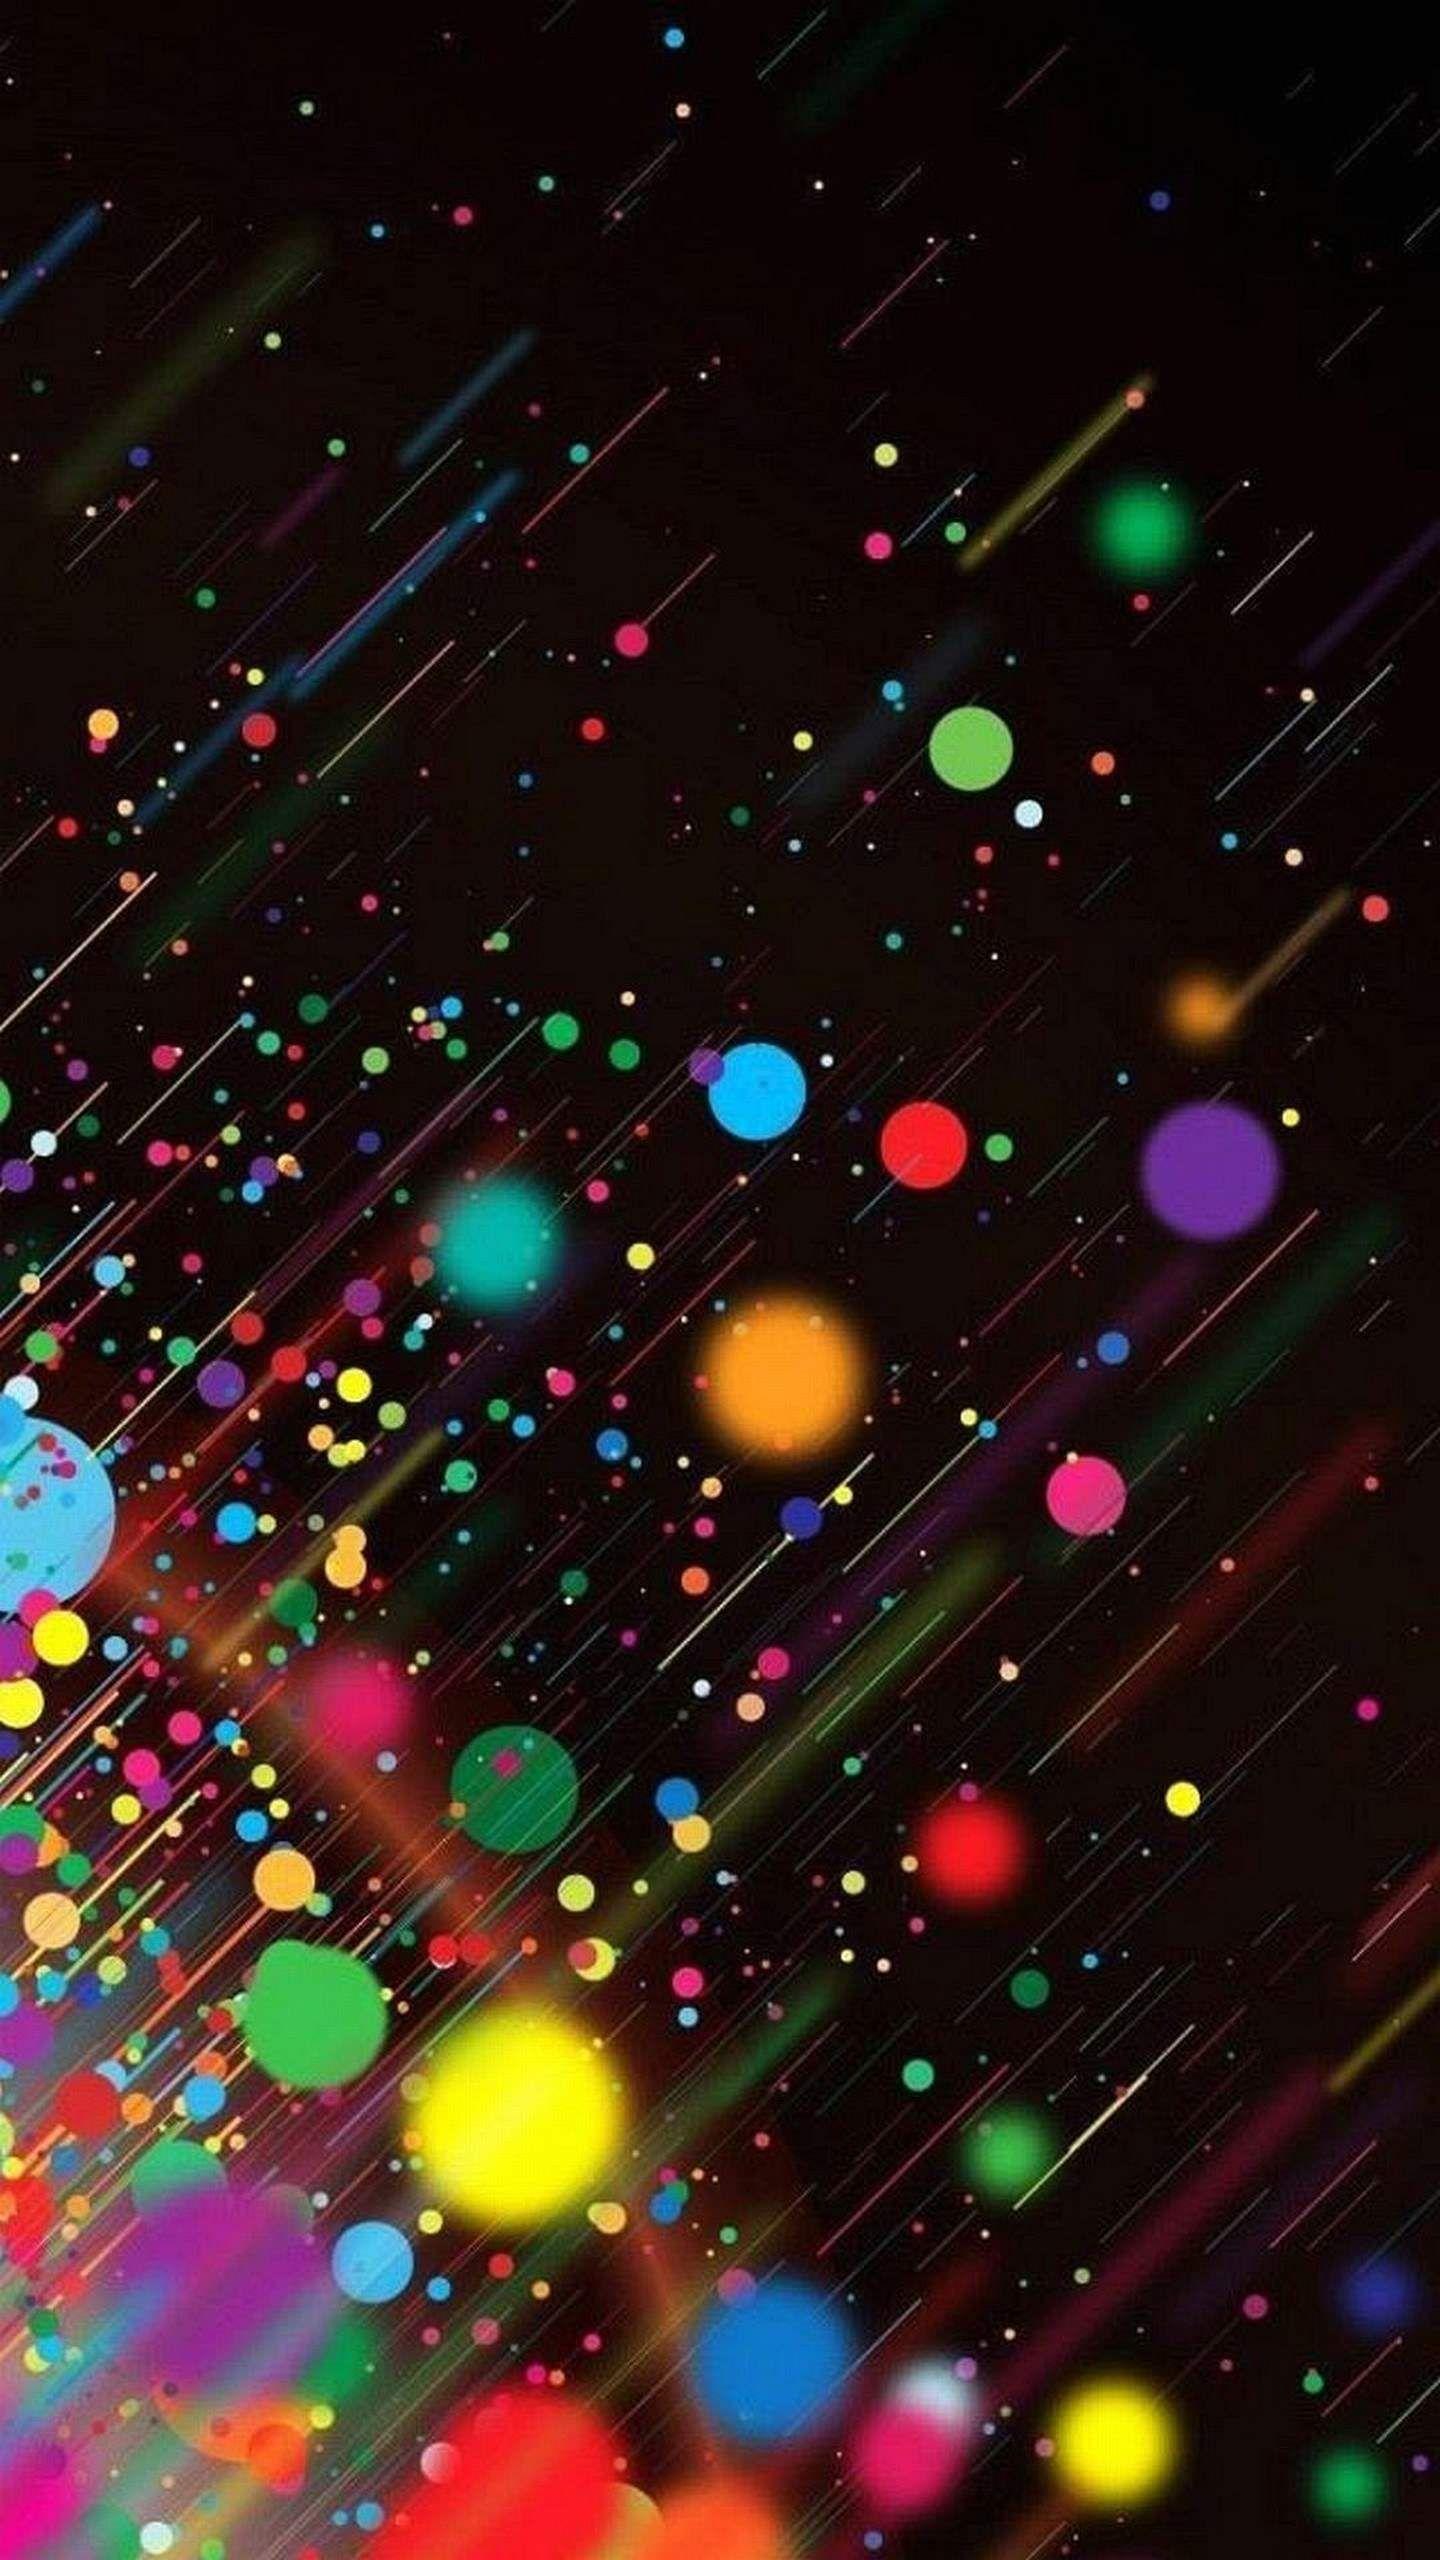 Fondo de pantalla de colores para Samsung S6